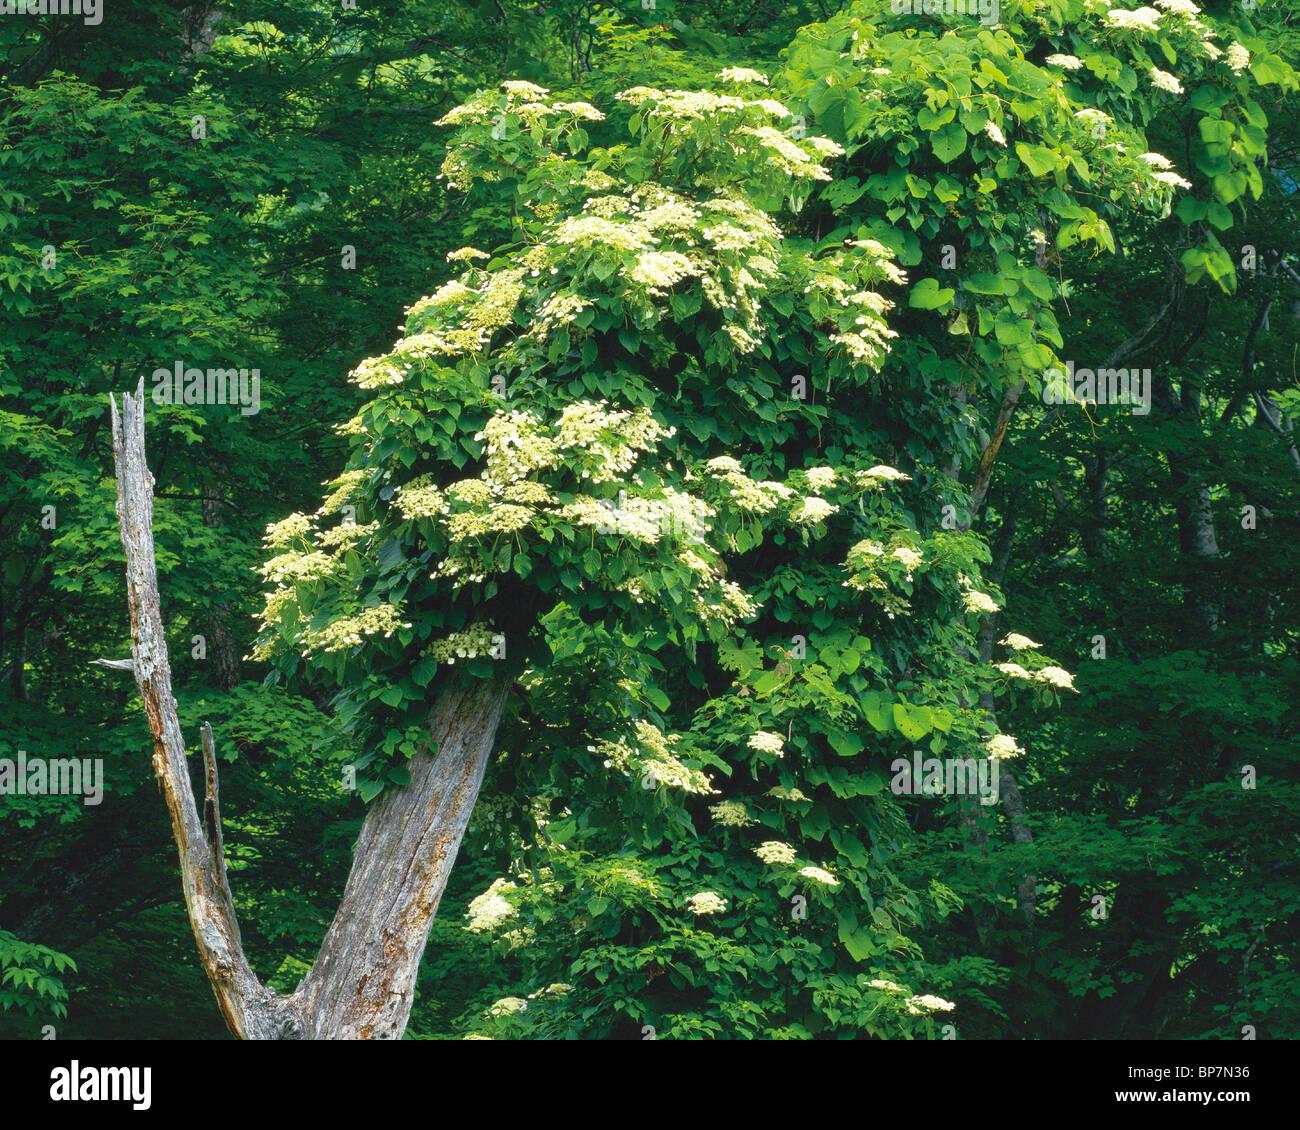 Hydrangea Vine Stock Photos Hydrangea Vine Stock Images Alamy